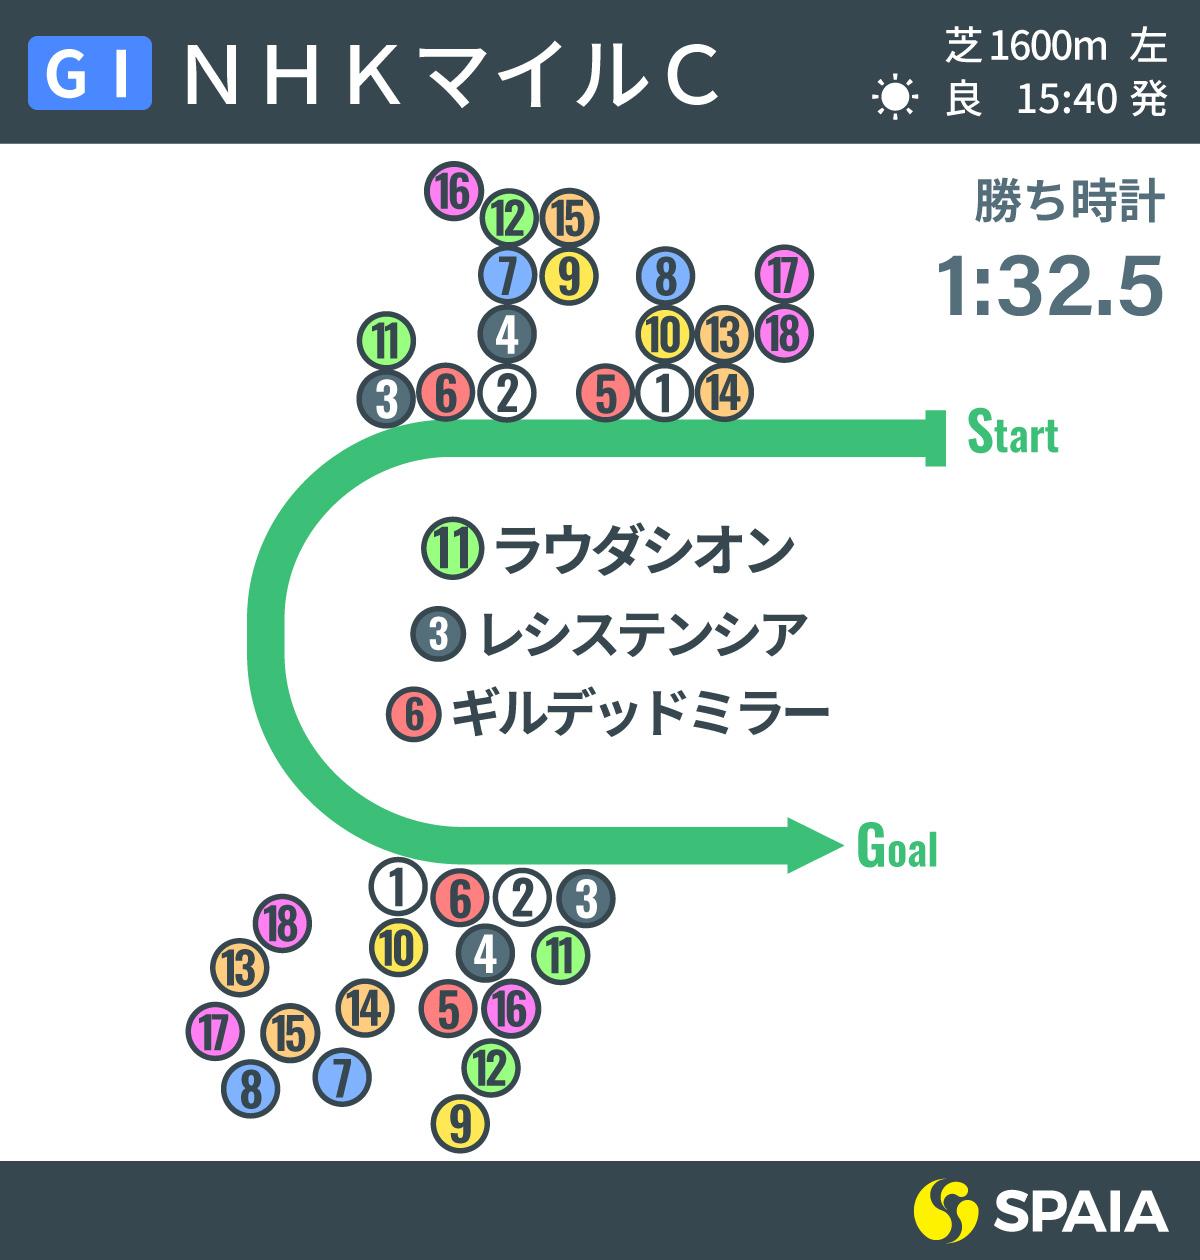 2020年NHKマイルC位置取りインフォグラフィックⒸSPAIA